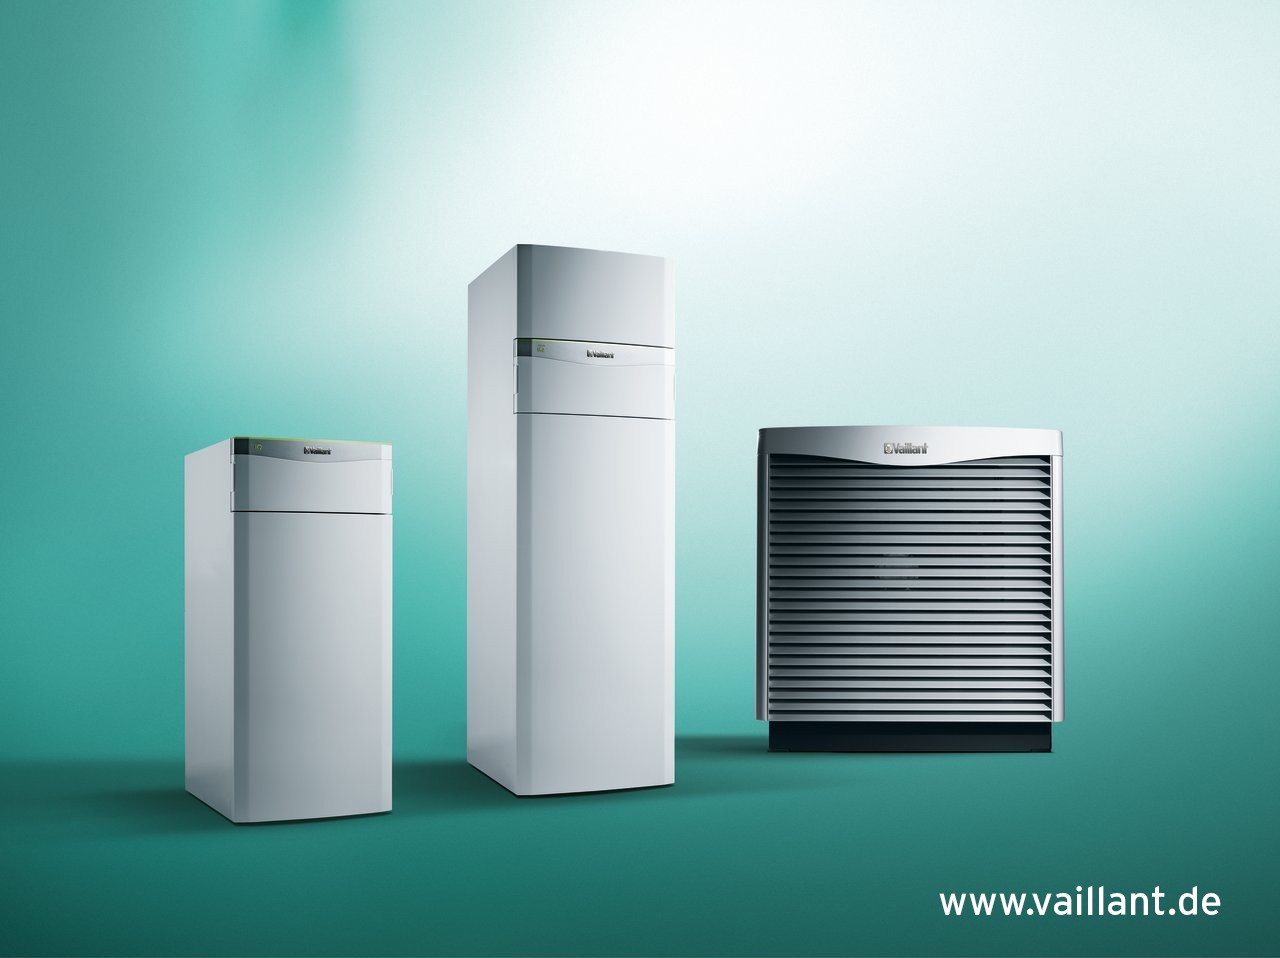 Vaillant VAILLANT Set 4.41 flexoTHERM VWF 57 /4 mit aroCOLLECT Luft/Wasser